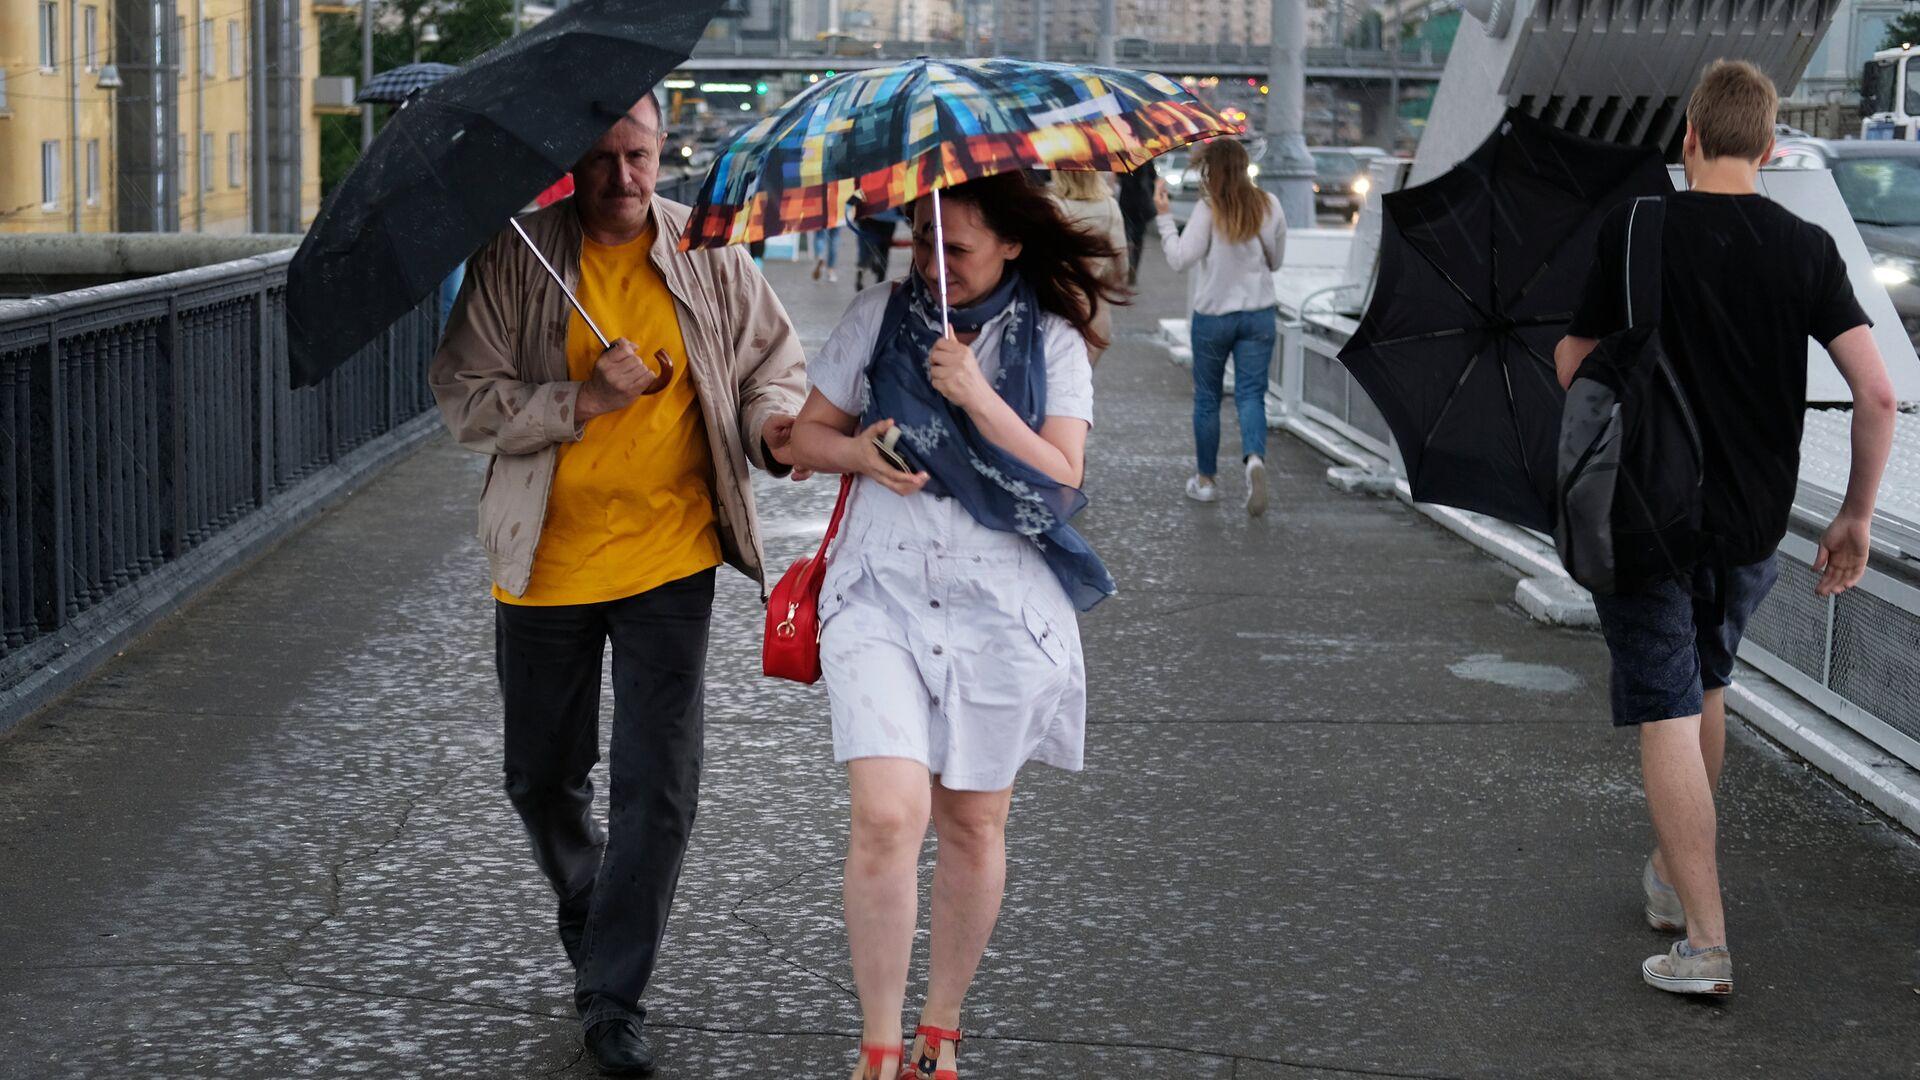 Прохожие на Крымском мосту во время дождя в Москве - РИА Новости, 1920, 12.06.2021